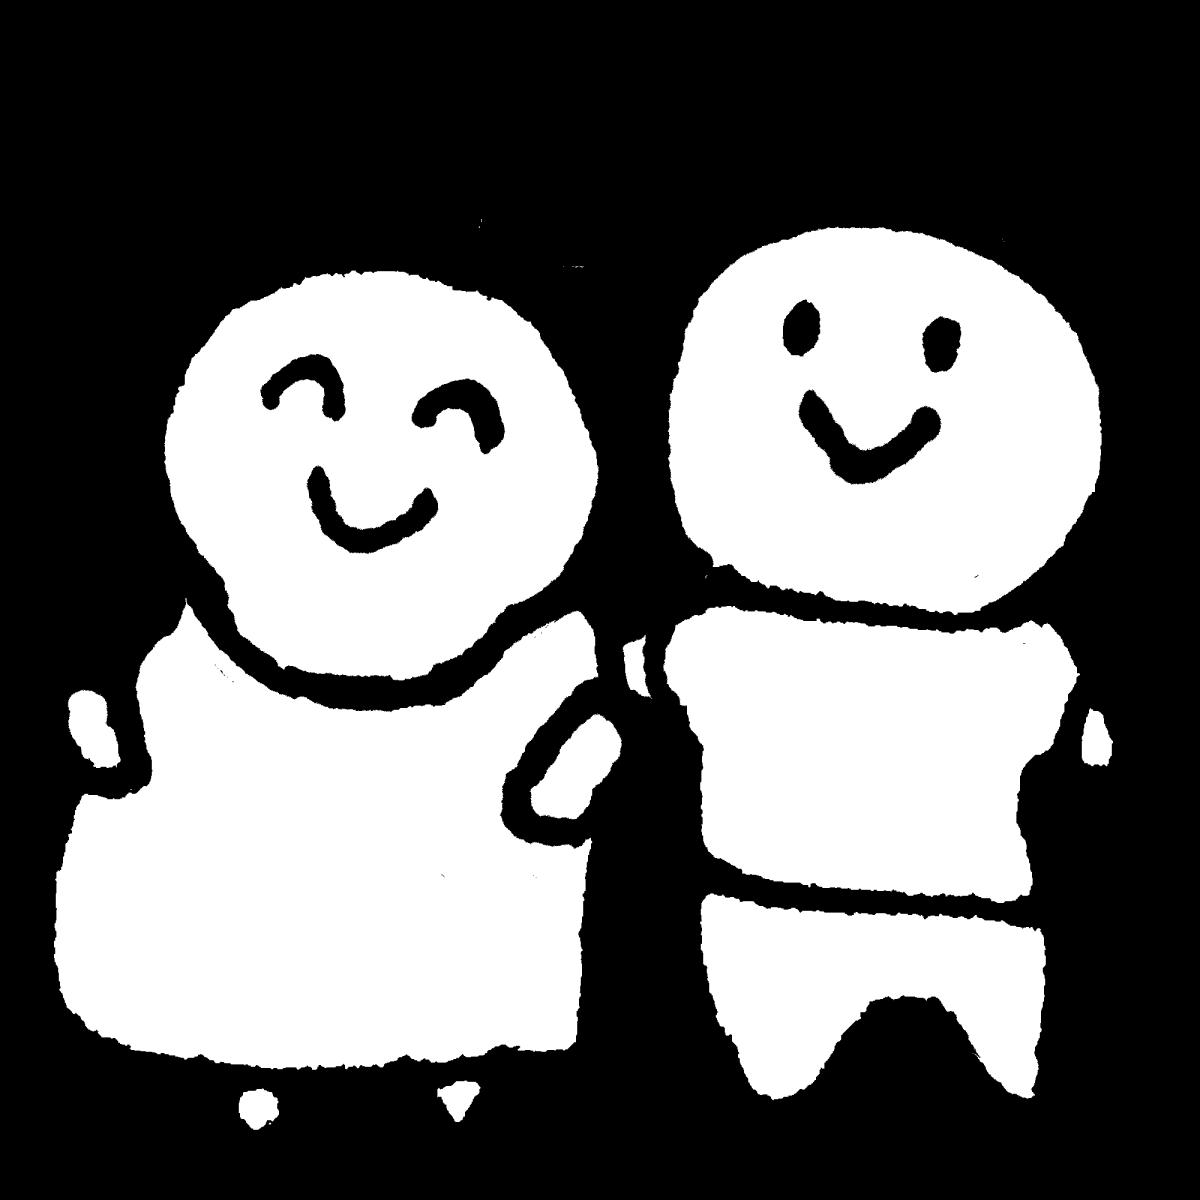 妊婦と旦那さんのイラスト / Pregnant wife & husbands Illustration